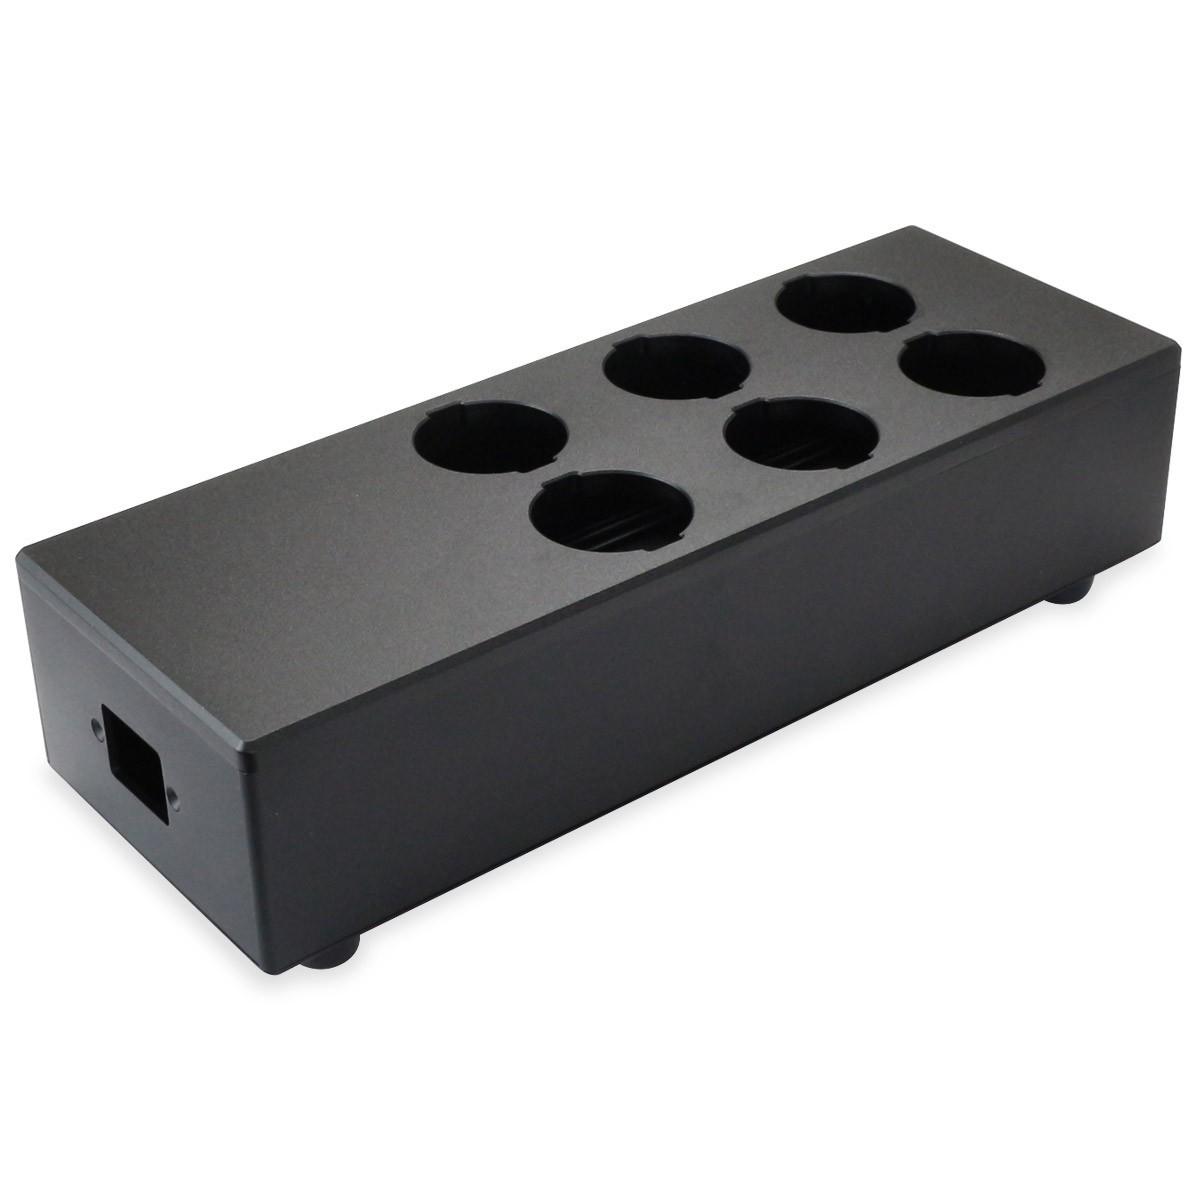 AUDIOPHONICS MPC6 V2 Boitier Distributeur Secteur Nu 6 Ports Aluminium Noir